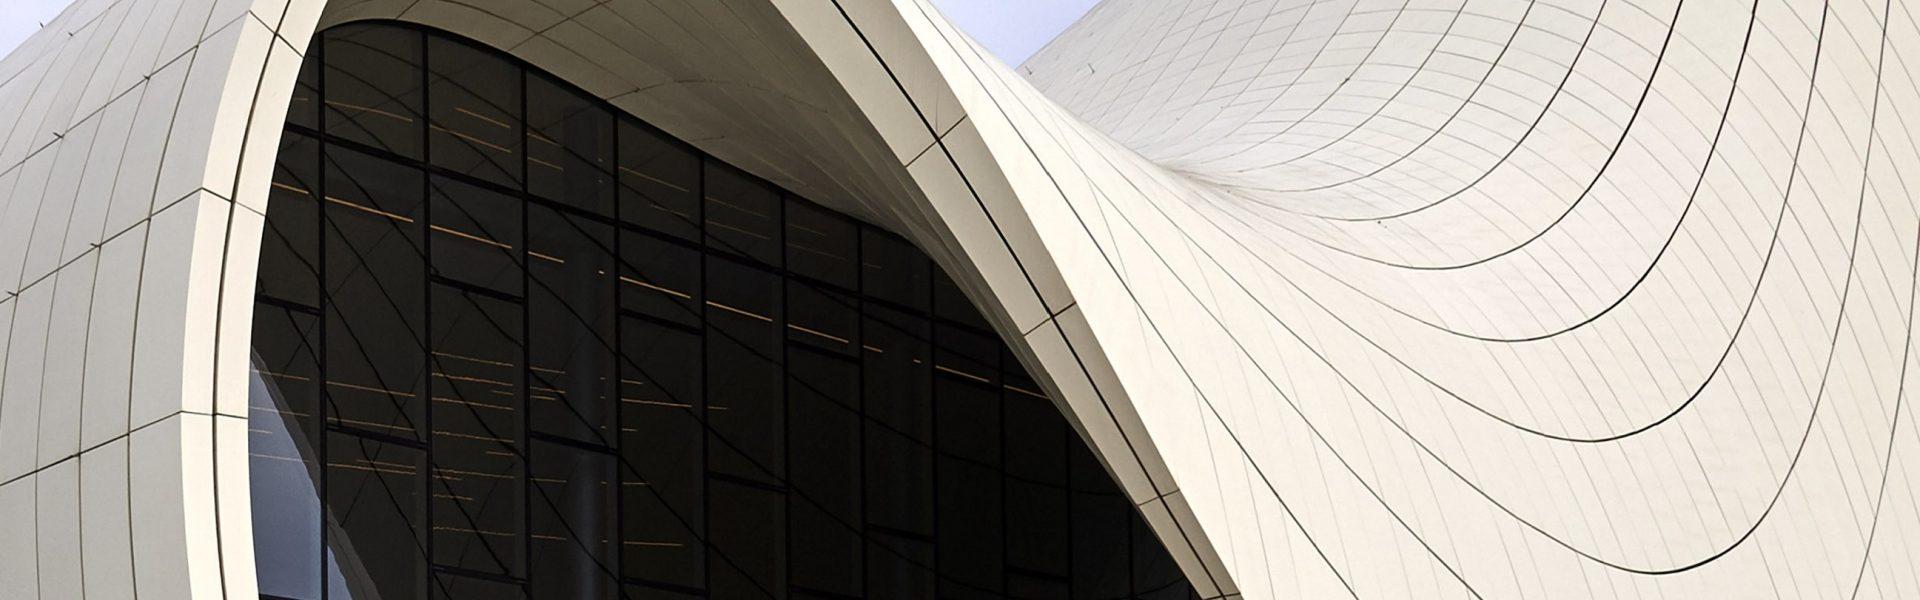 Header - Architecture